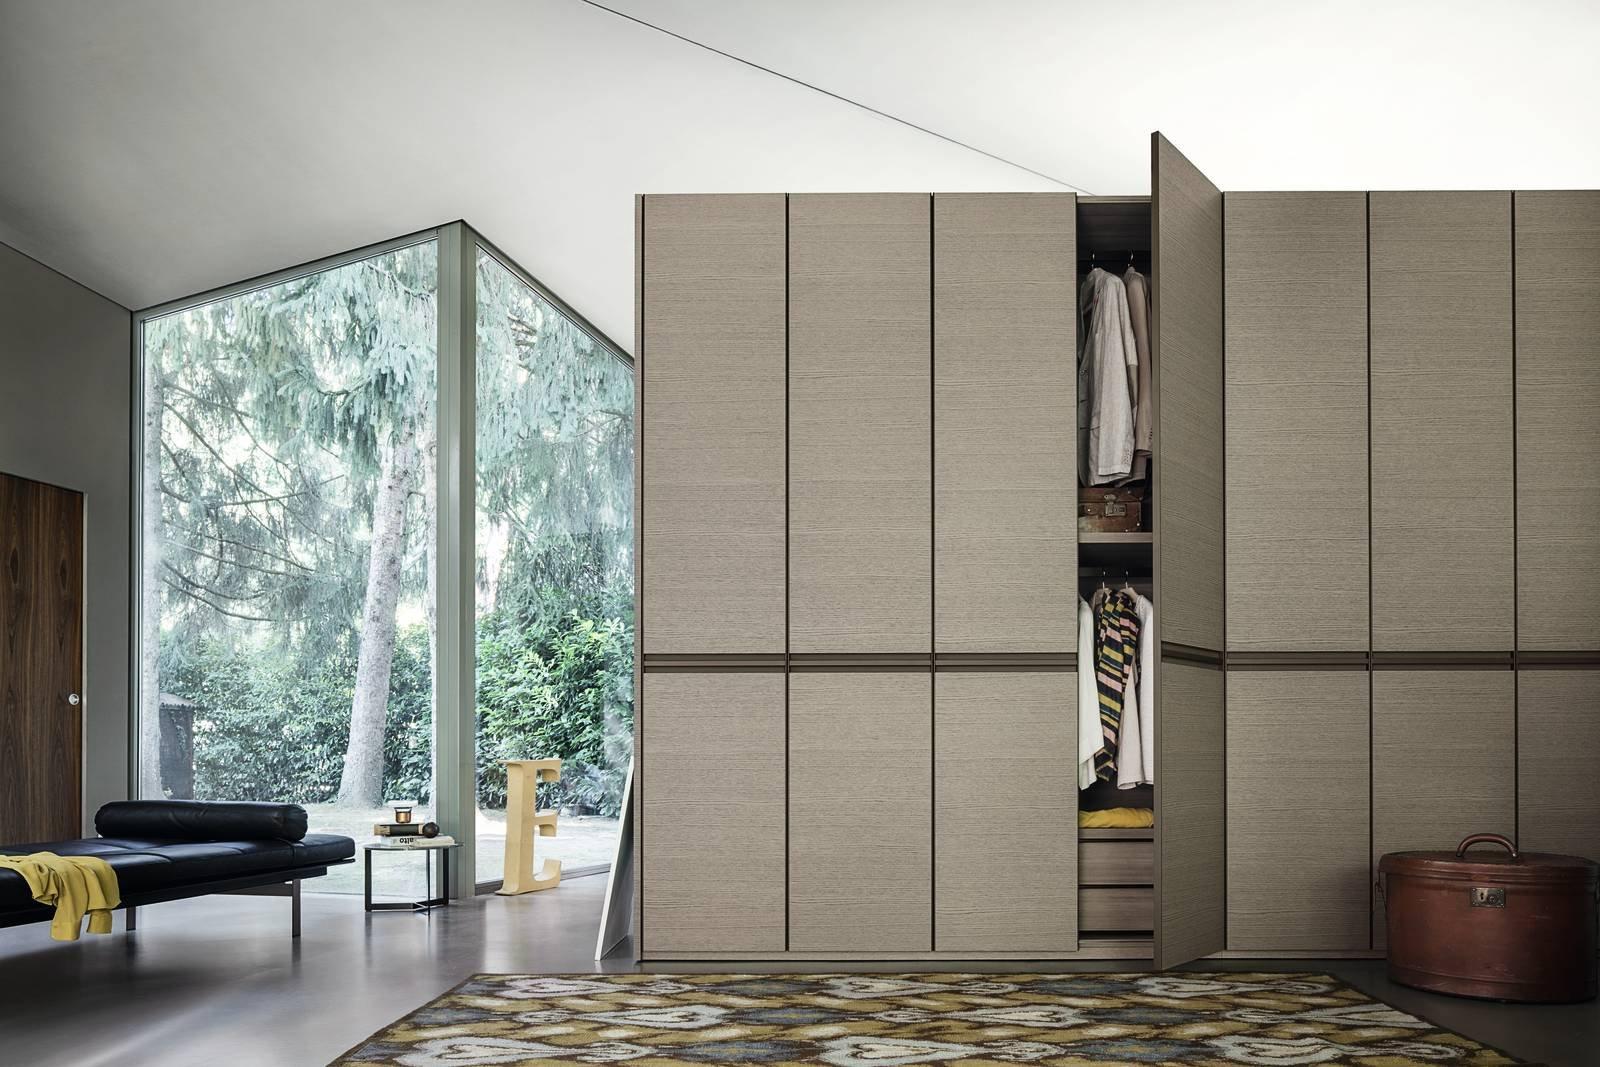 Estetica e comodit su misura con gli armadi al centimetro lema cose di casa - Costo cabina armadio ikea ...